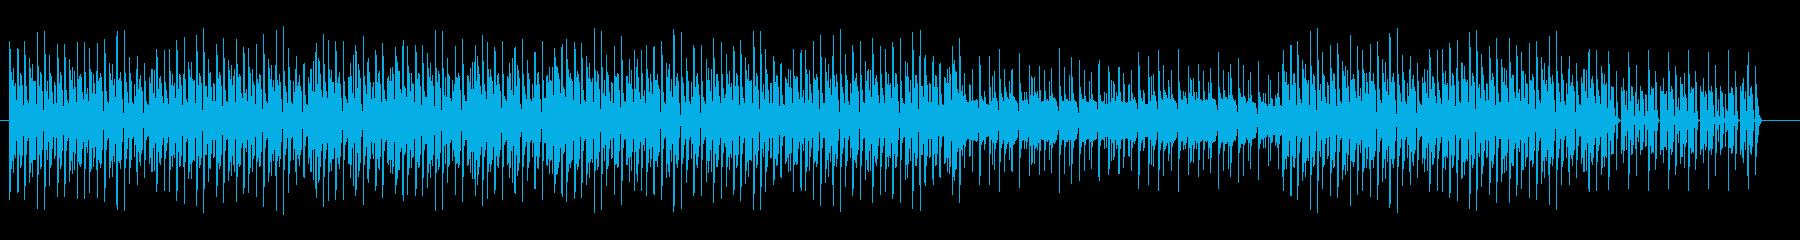 楽しげなマリンバのトロピカルサンバの再生済みの波形